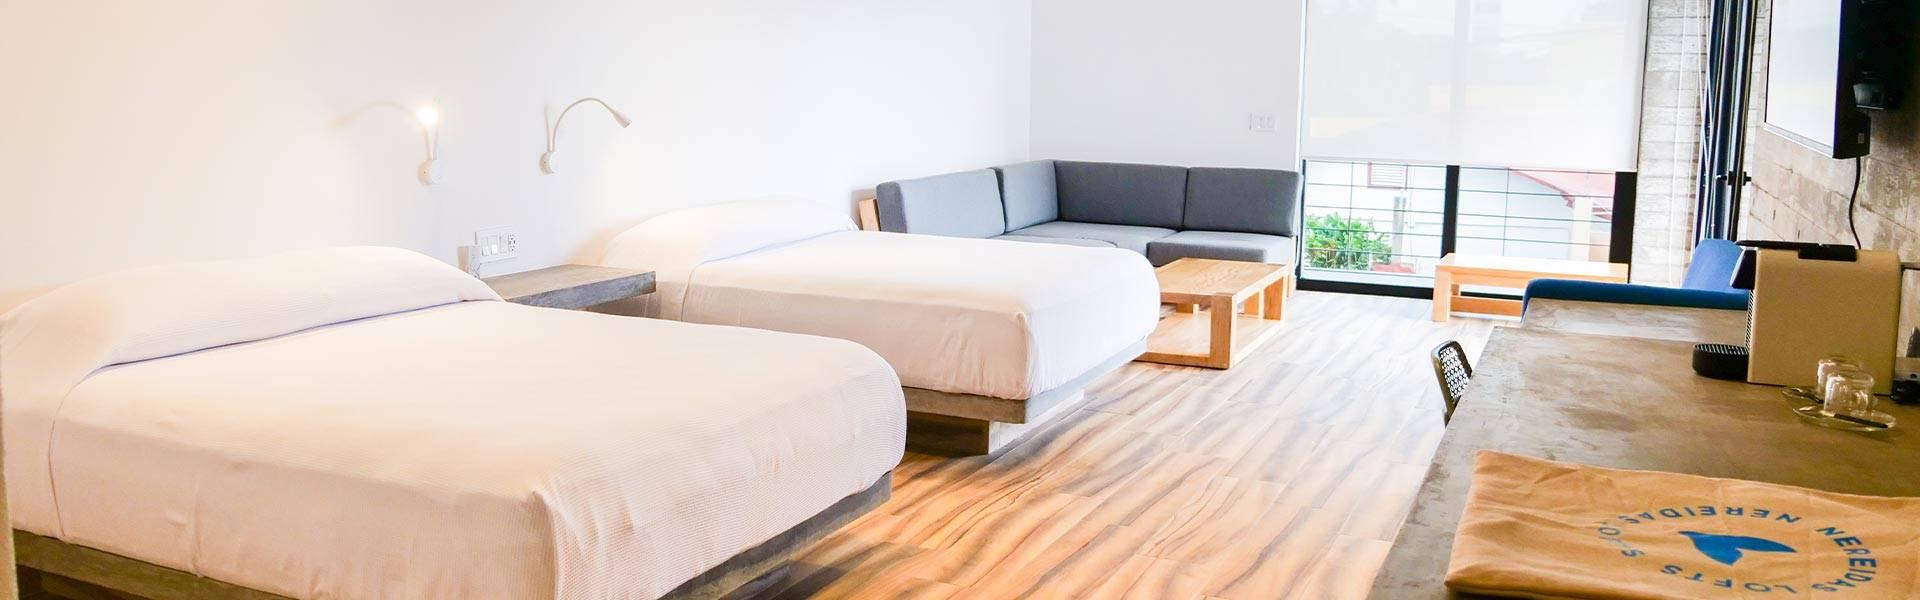 nereidas-lofts-vacation-rentals